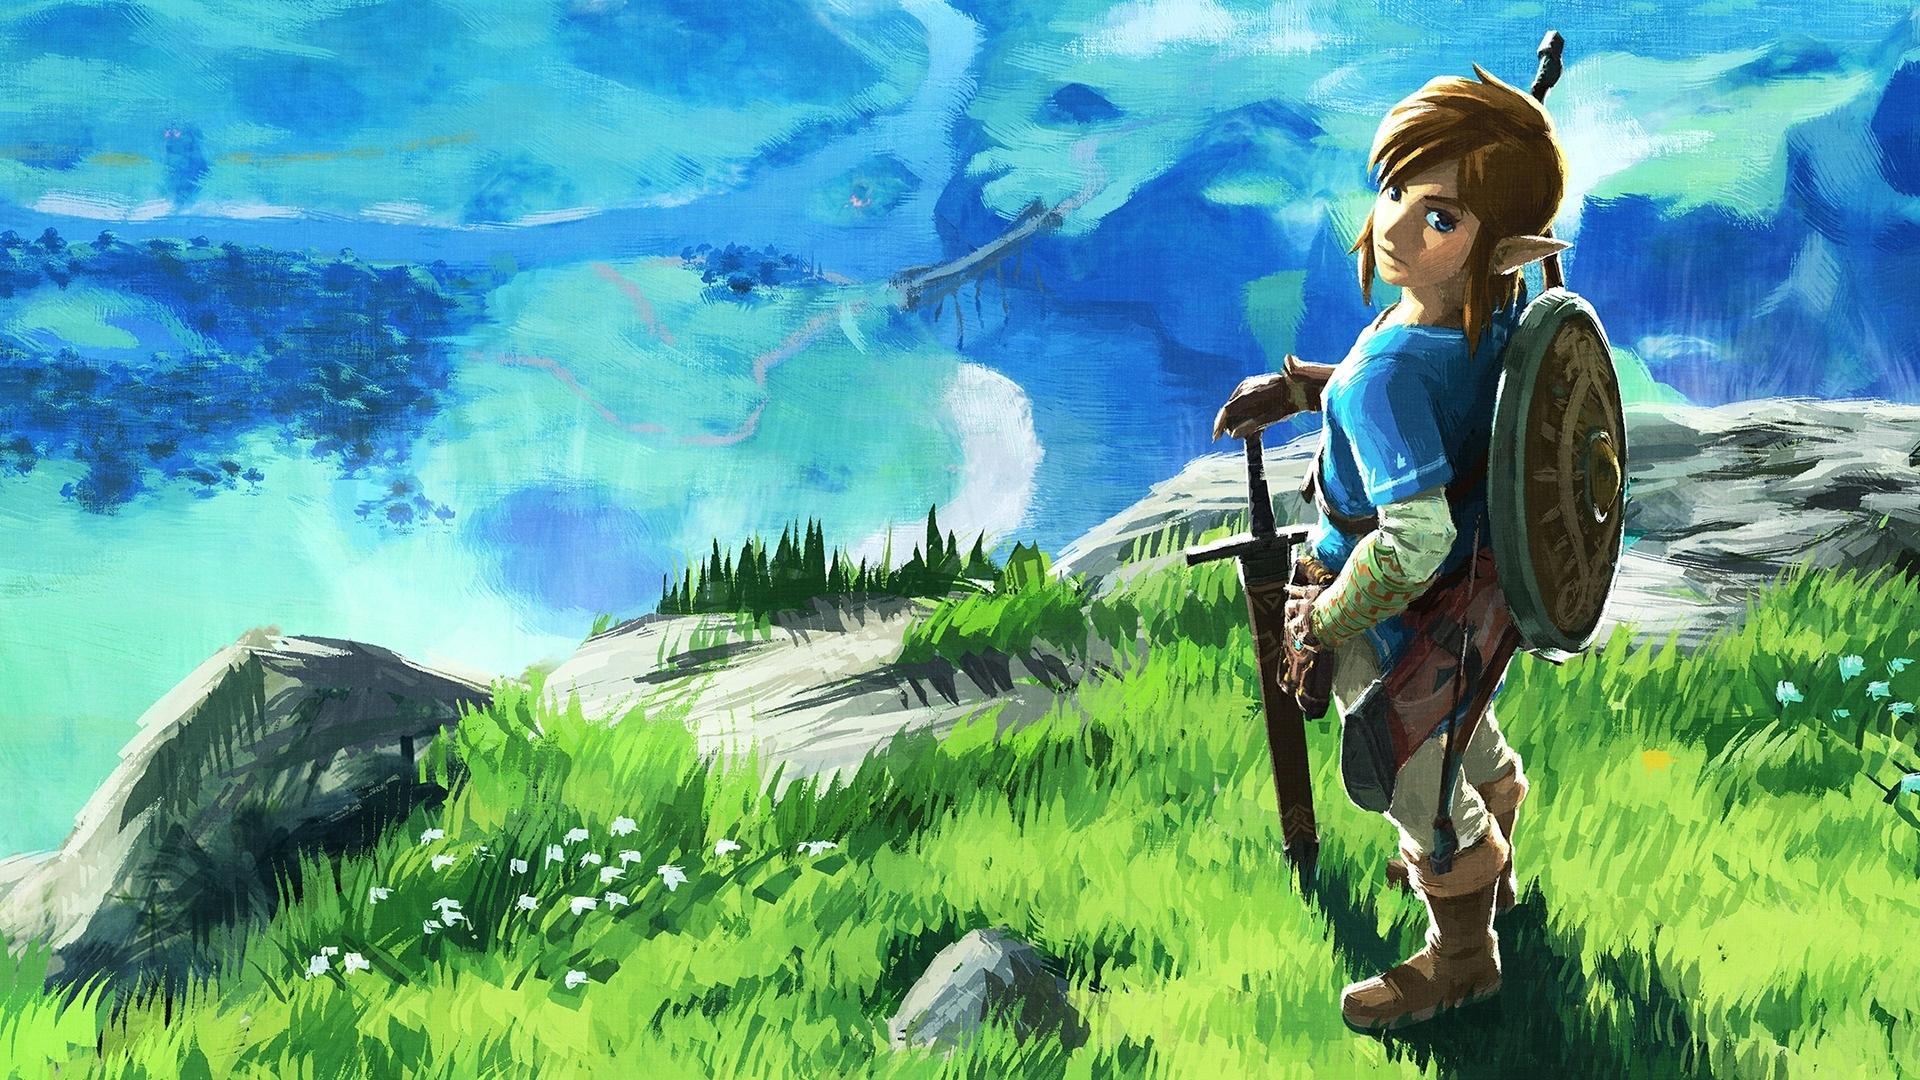 The Legend Of Zelda Legend Of Zelda Breath Of The Wild 109006